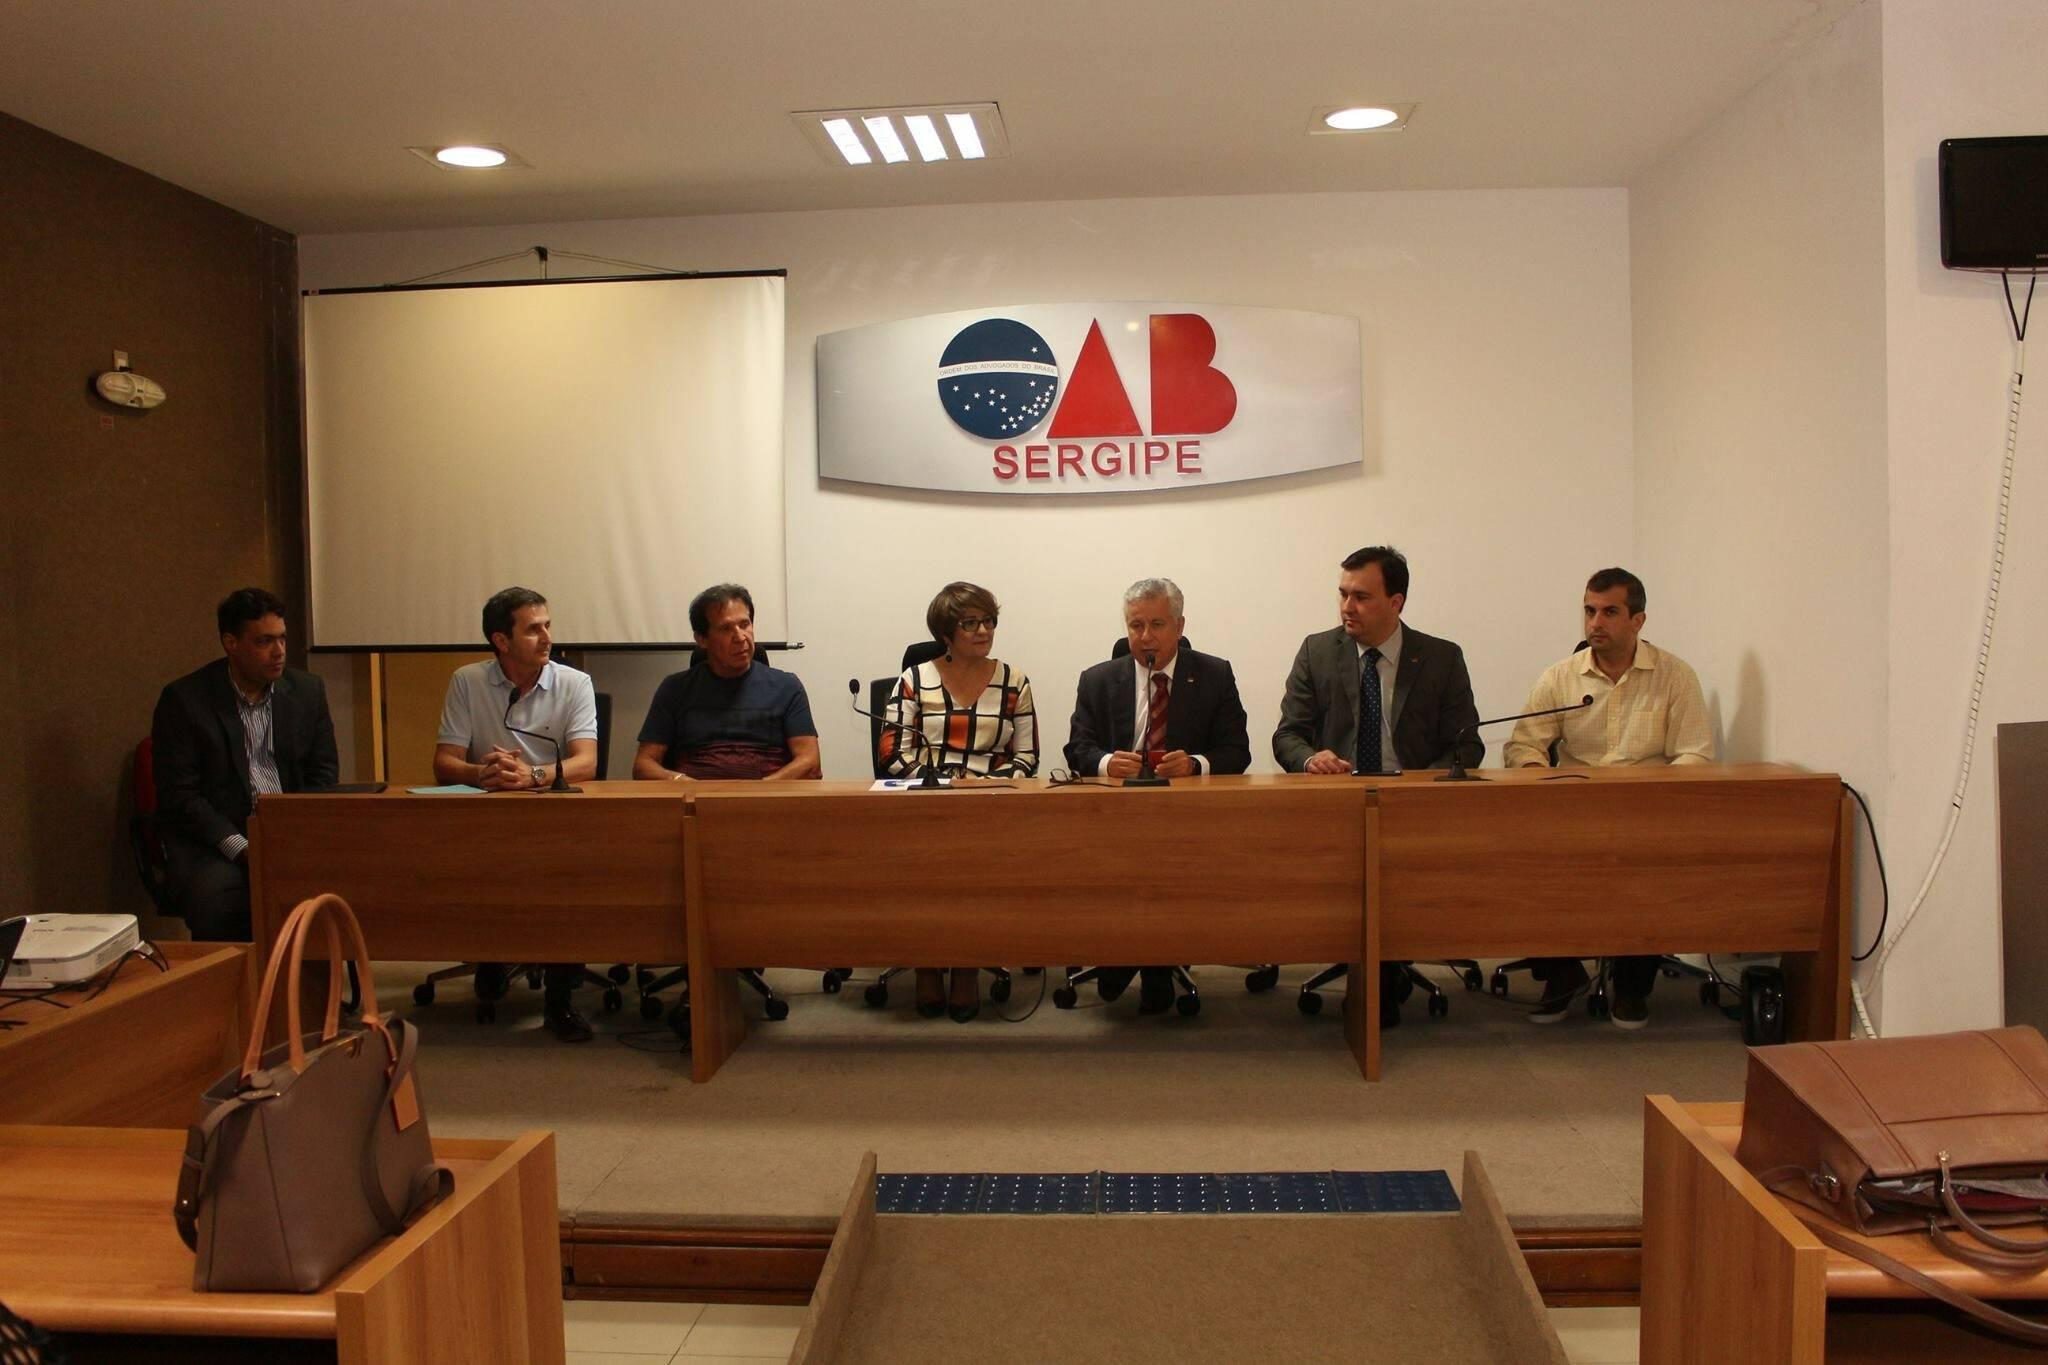 Incorporadora Emoções firma convênio com OAB de Sergipe . Foto: Divulgação